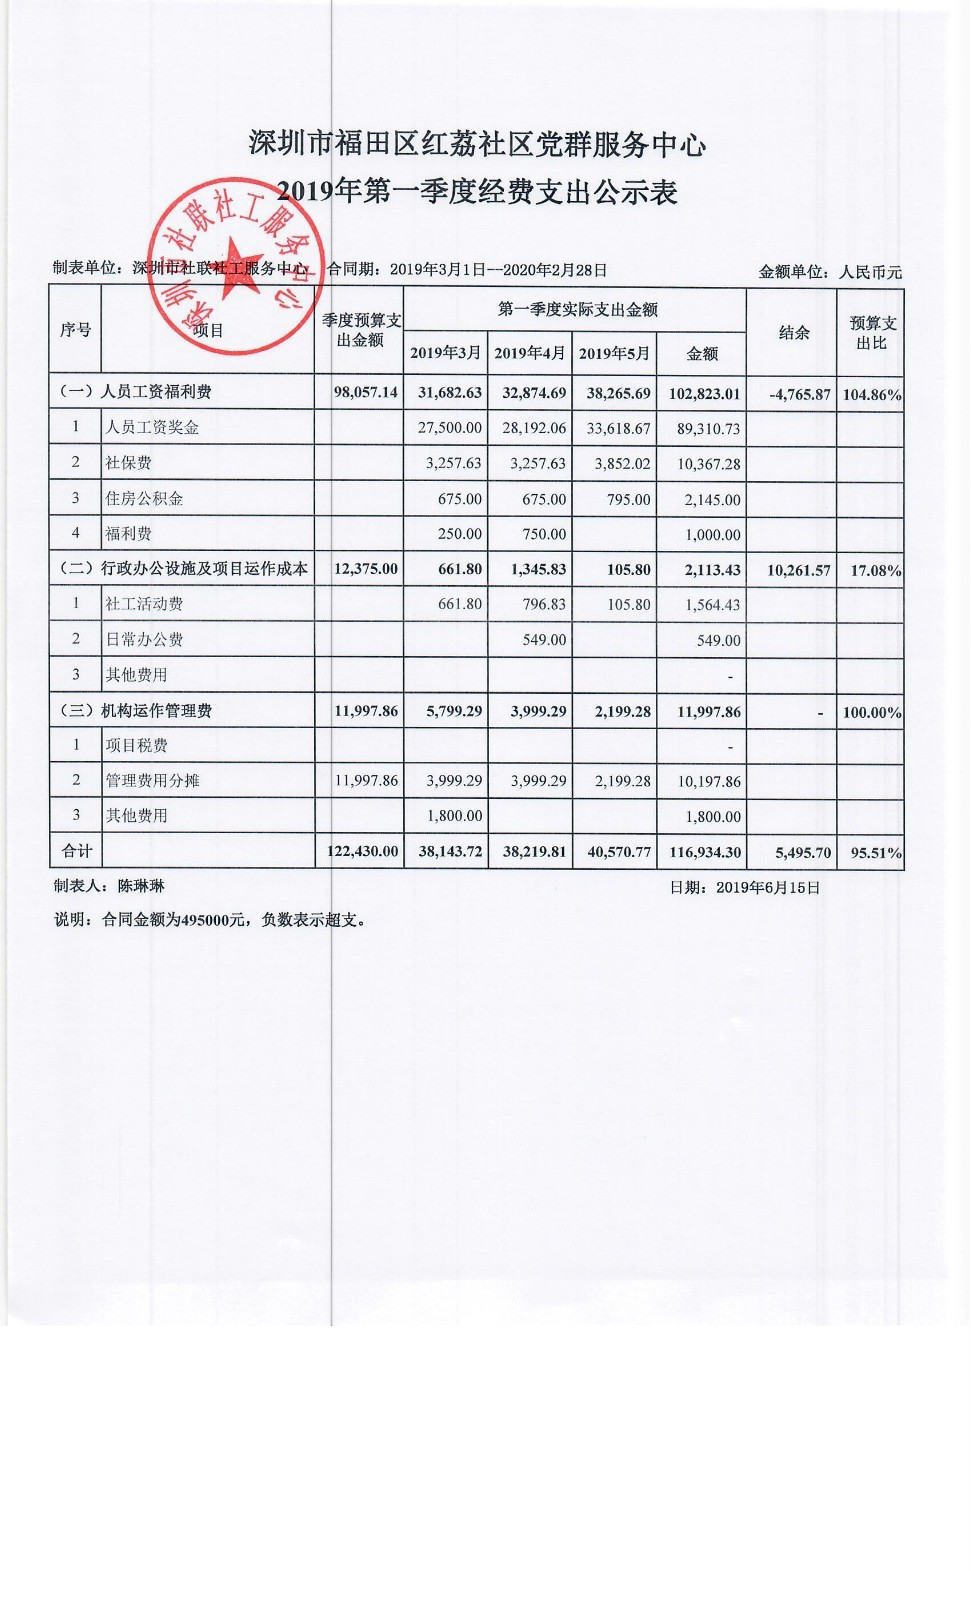 红荔社区2019第一季度季度经费支出公示表